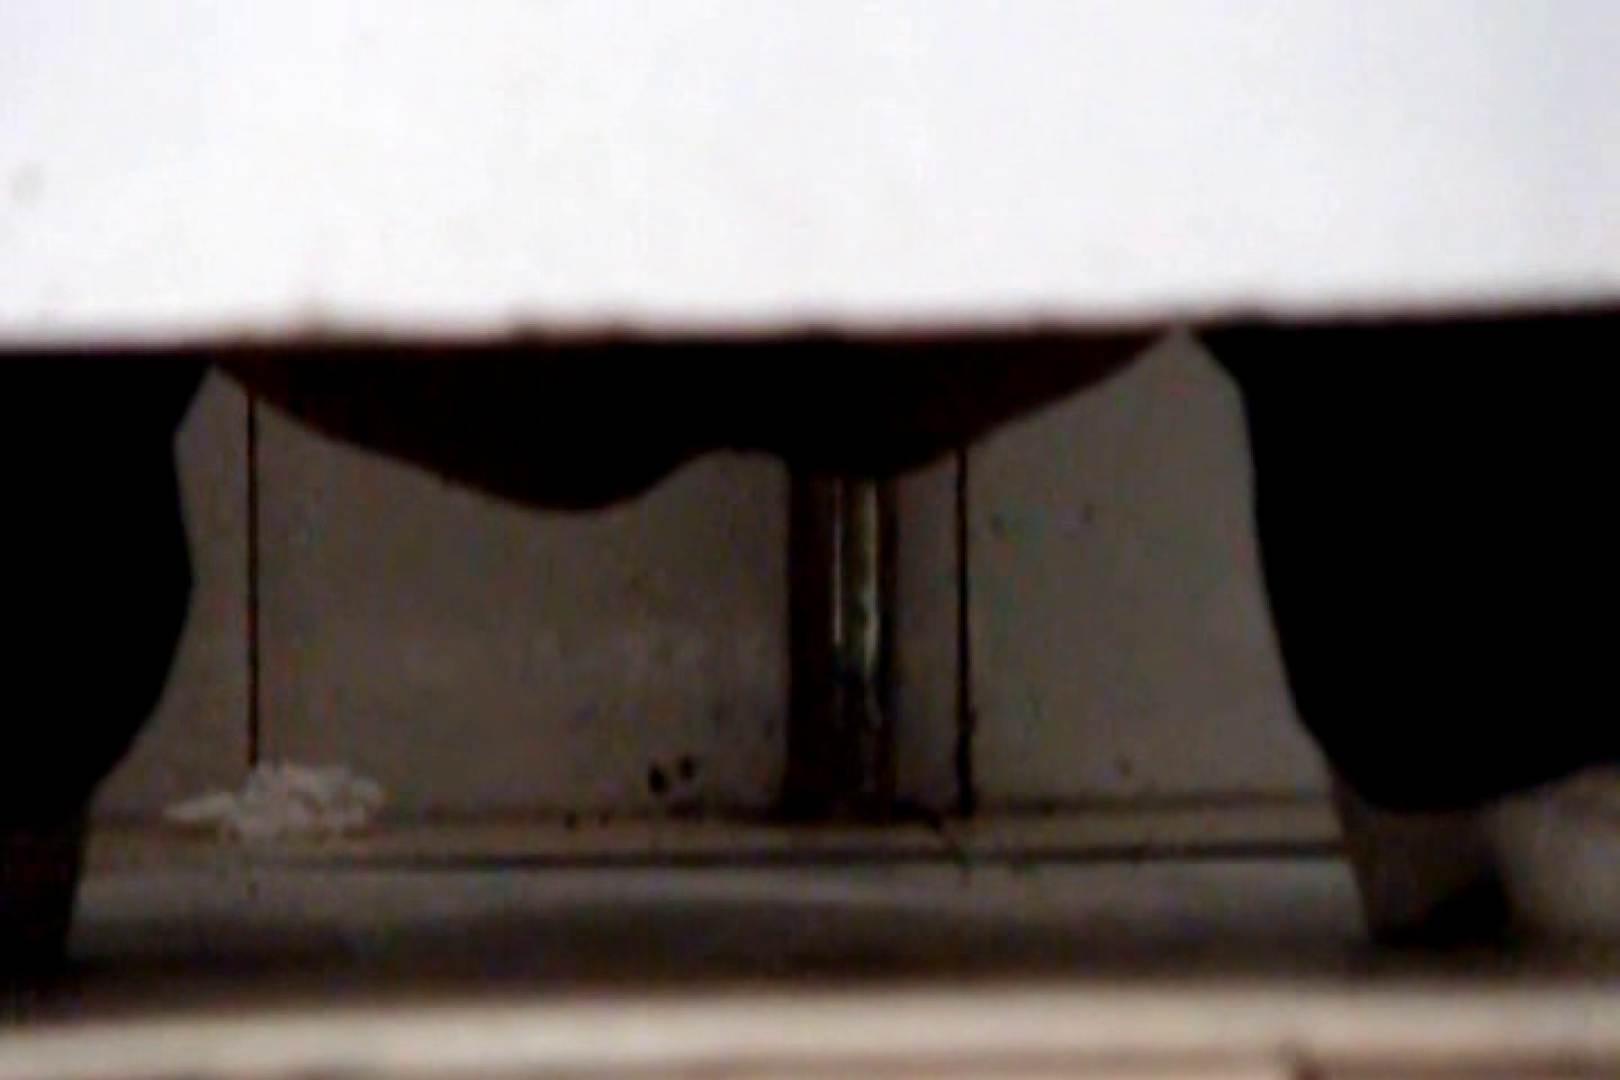 ぼっとん洗面所スペシャルVol.5 おまんこ無修正  68画像 30